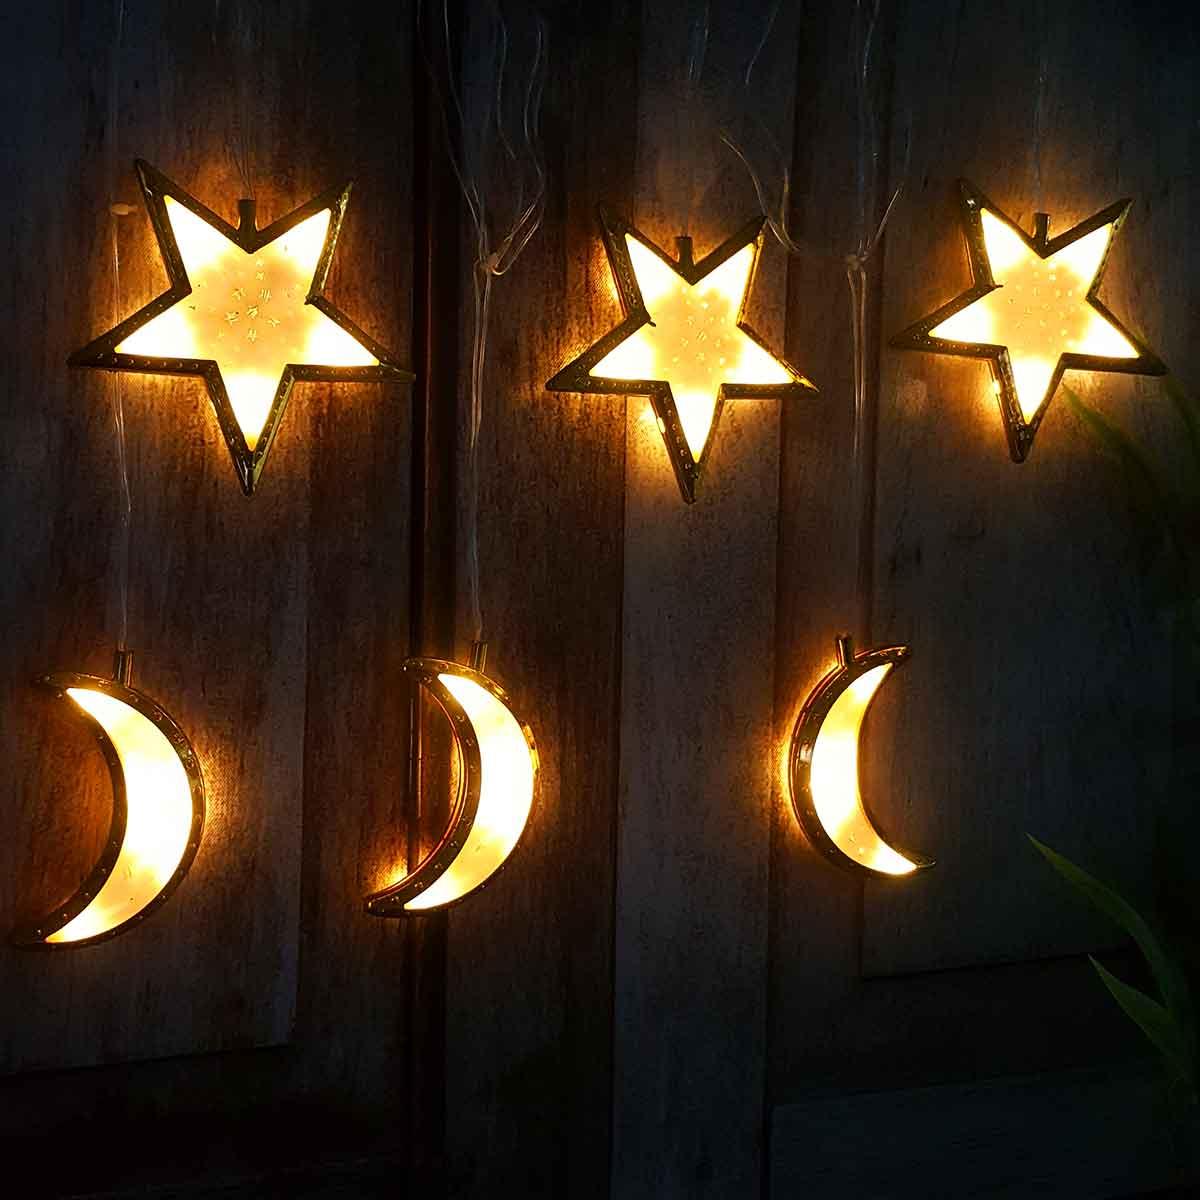 لمبة زينة رمضانية كهربائية  شكل هلال ونجوم لون ذهبي AD-01-561